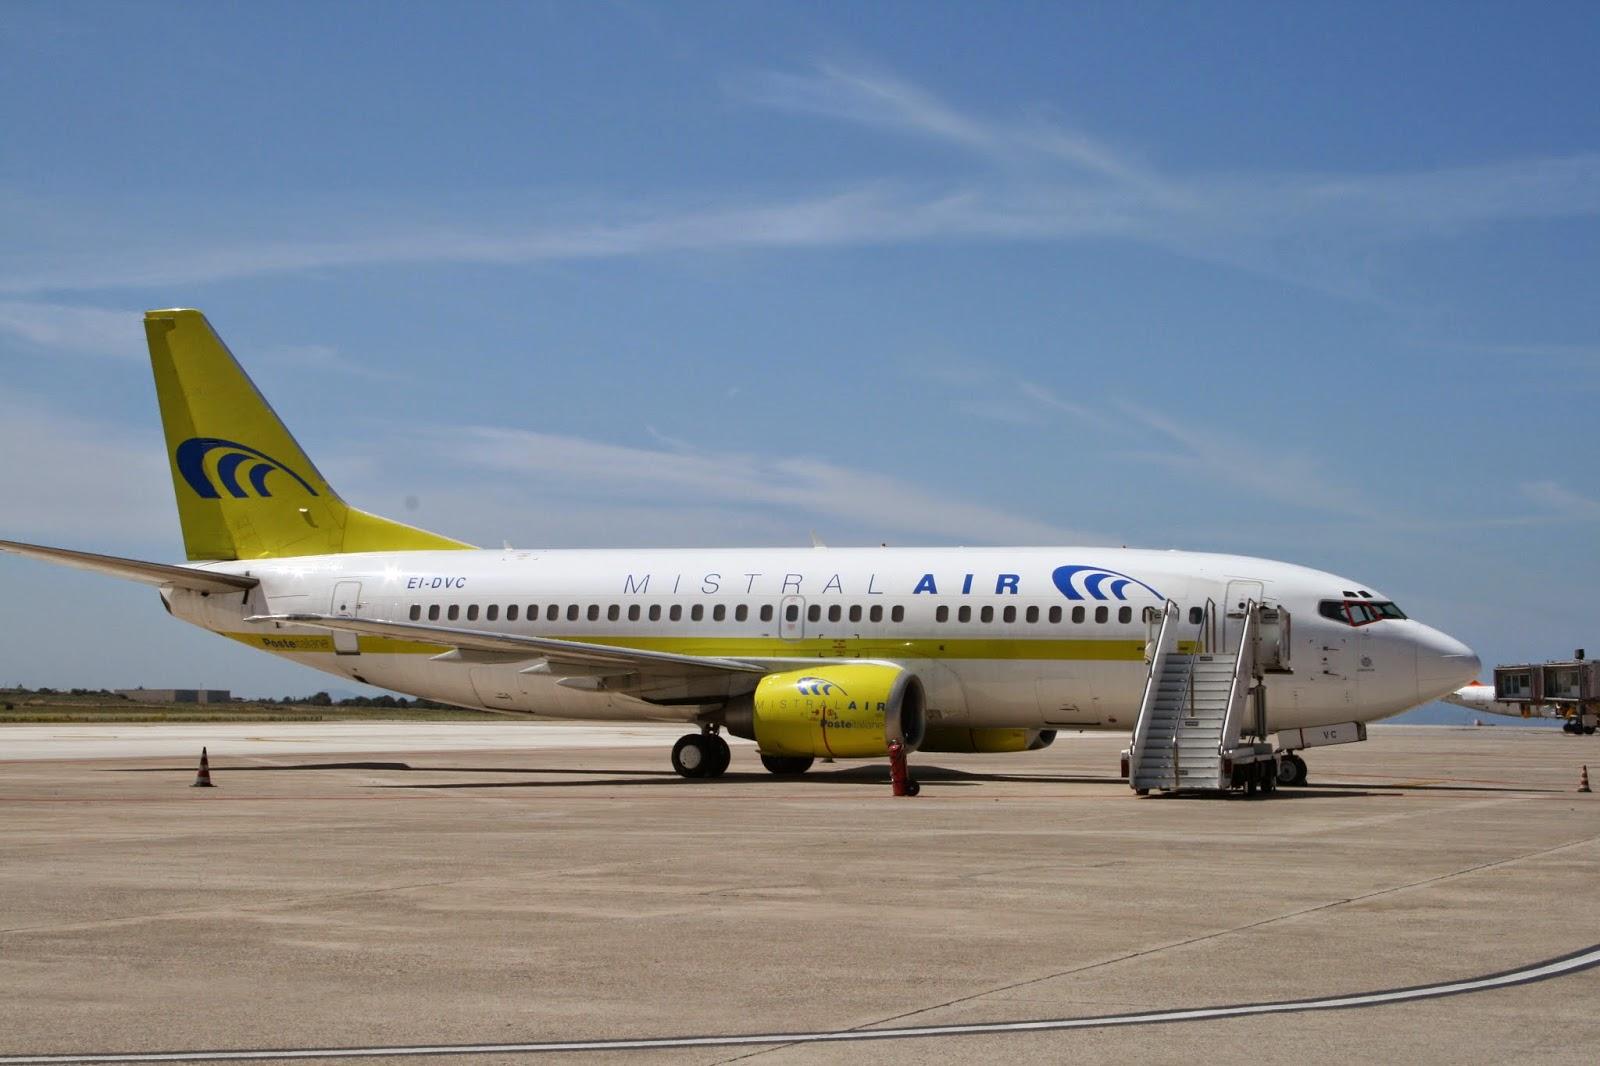 Aeroporto Pisa : Aeroporto galileo galilei di pisa u realizzazione di nuovo